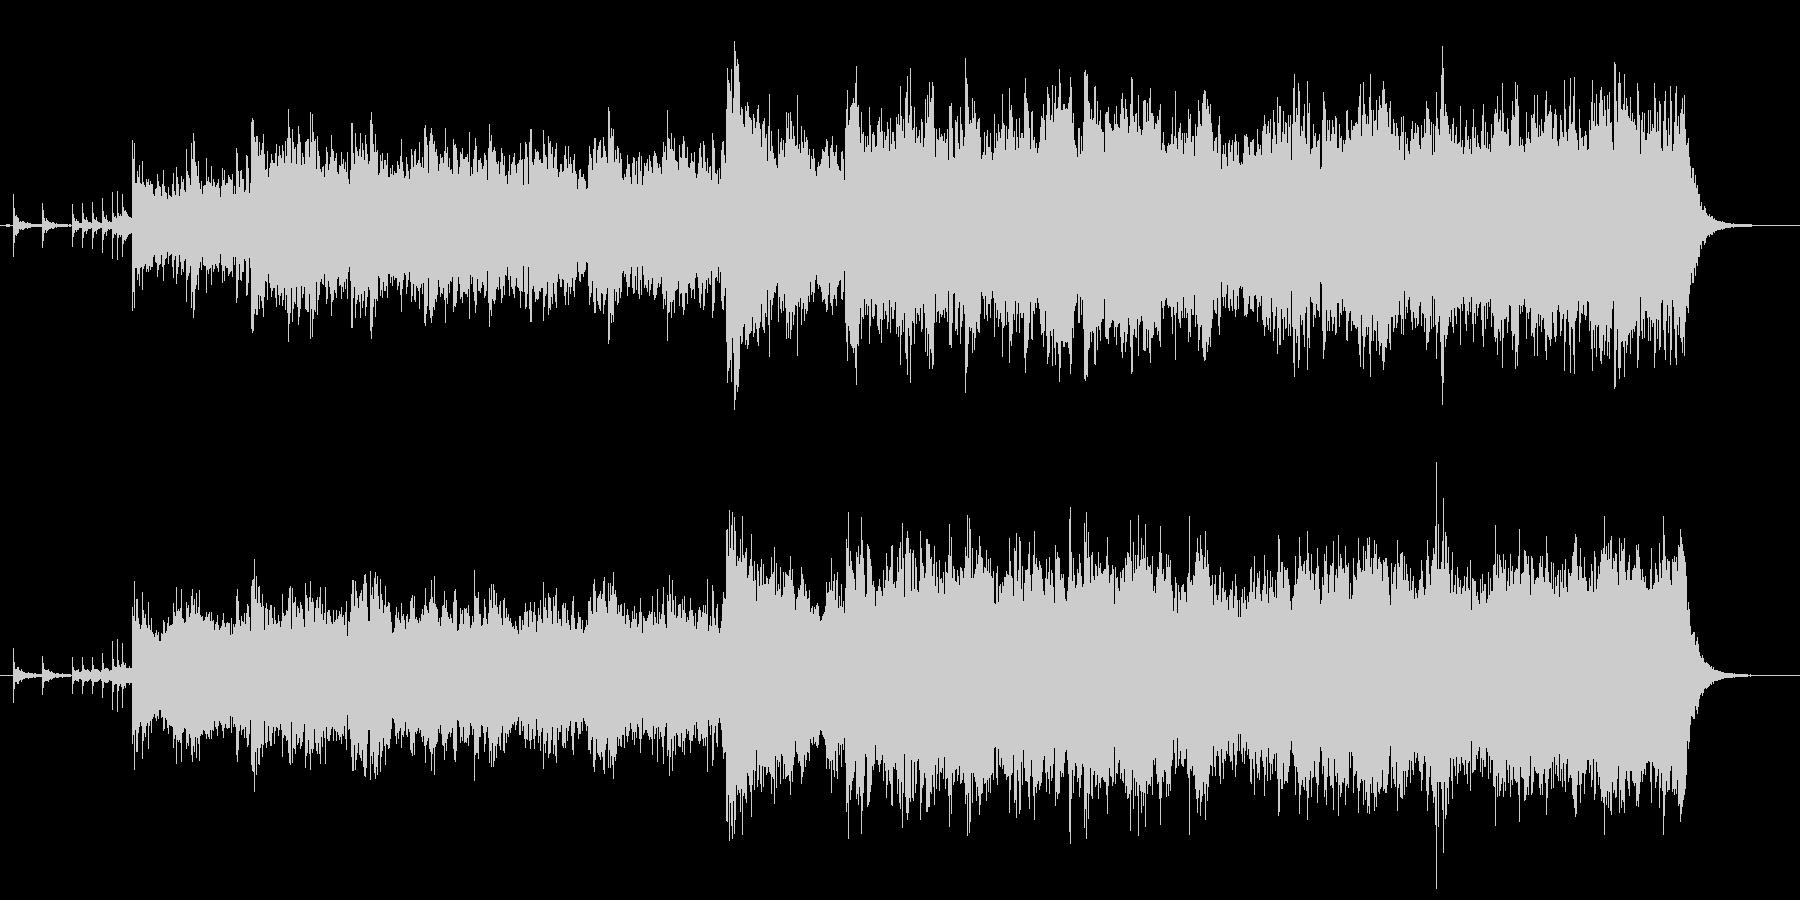 ジプシー民族調の輪舞のイメージで役1分の未再生の波形